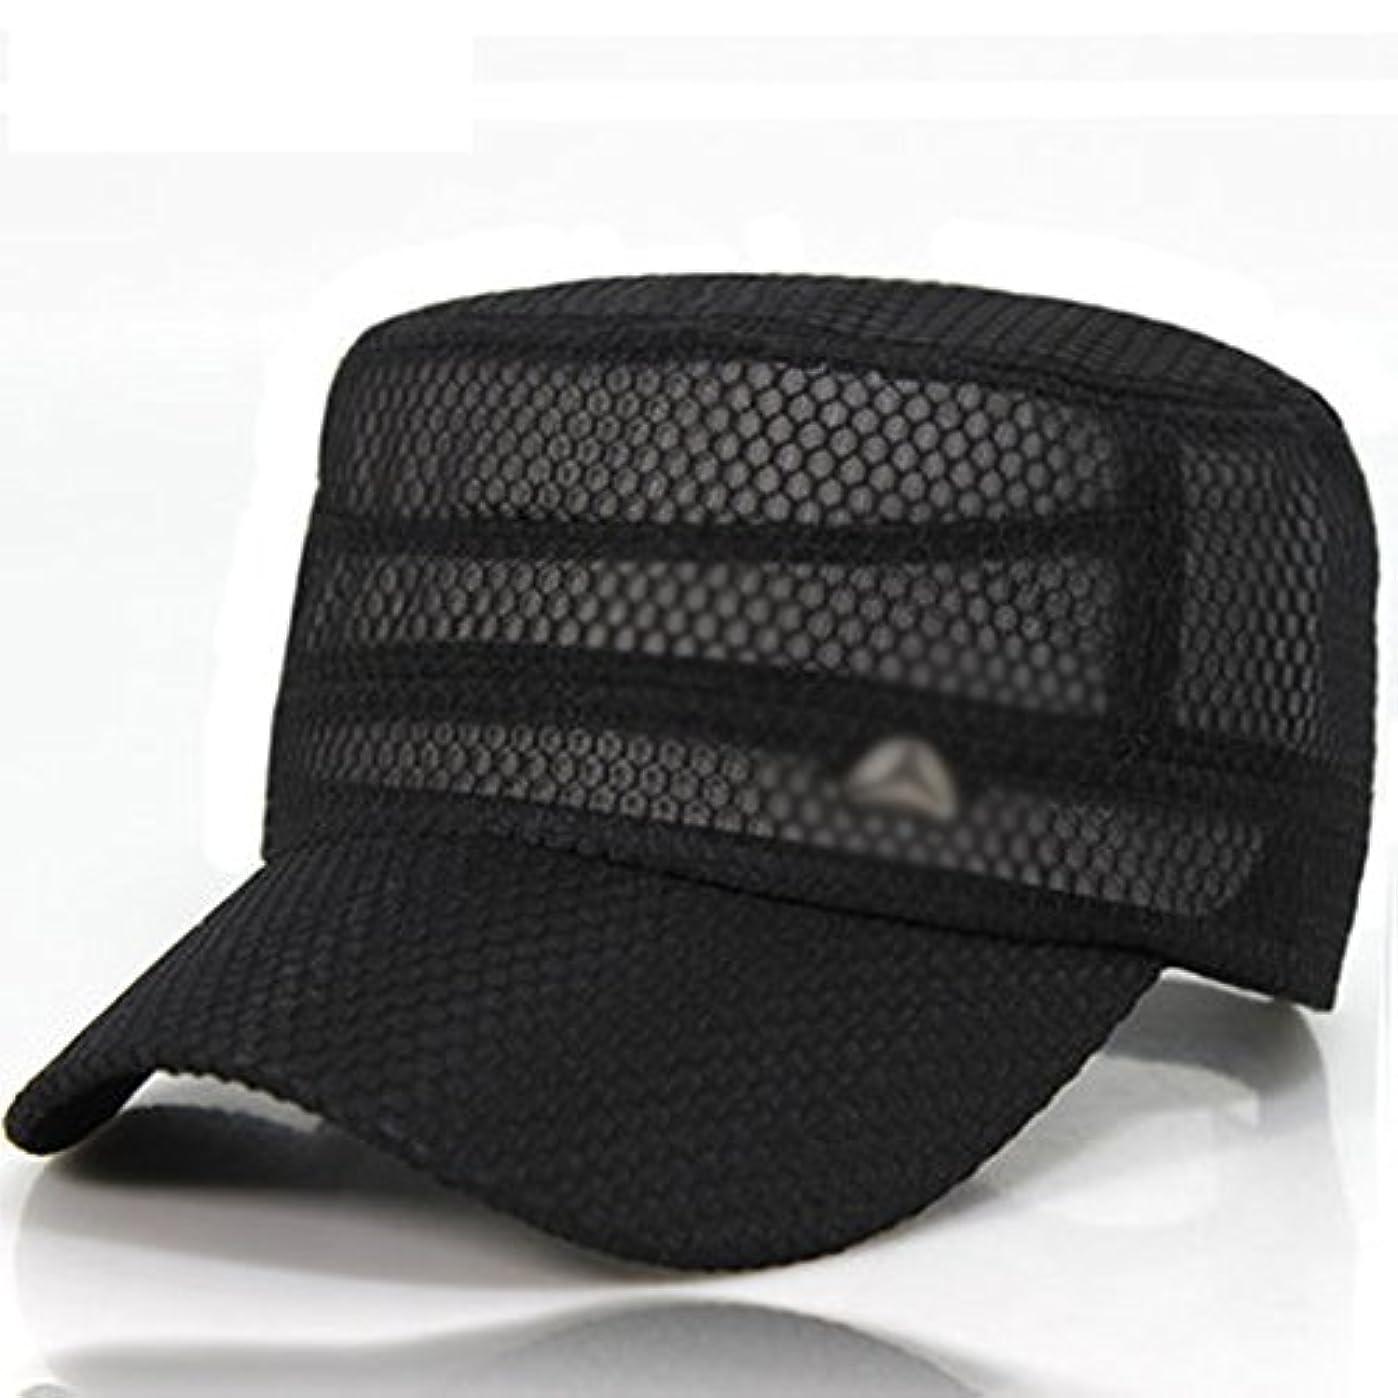 ディレクター指令かなりの李愛 帽子 サマークールキャップフラットトップネットキャップアウトドアサンシェイドクイックドライキャップスポーツキャップメッシュキャップ (色 : 黒)